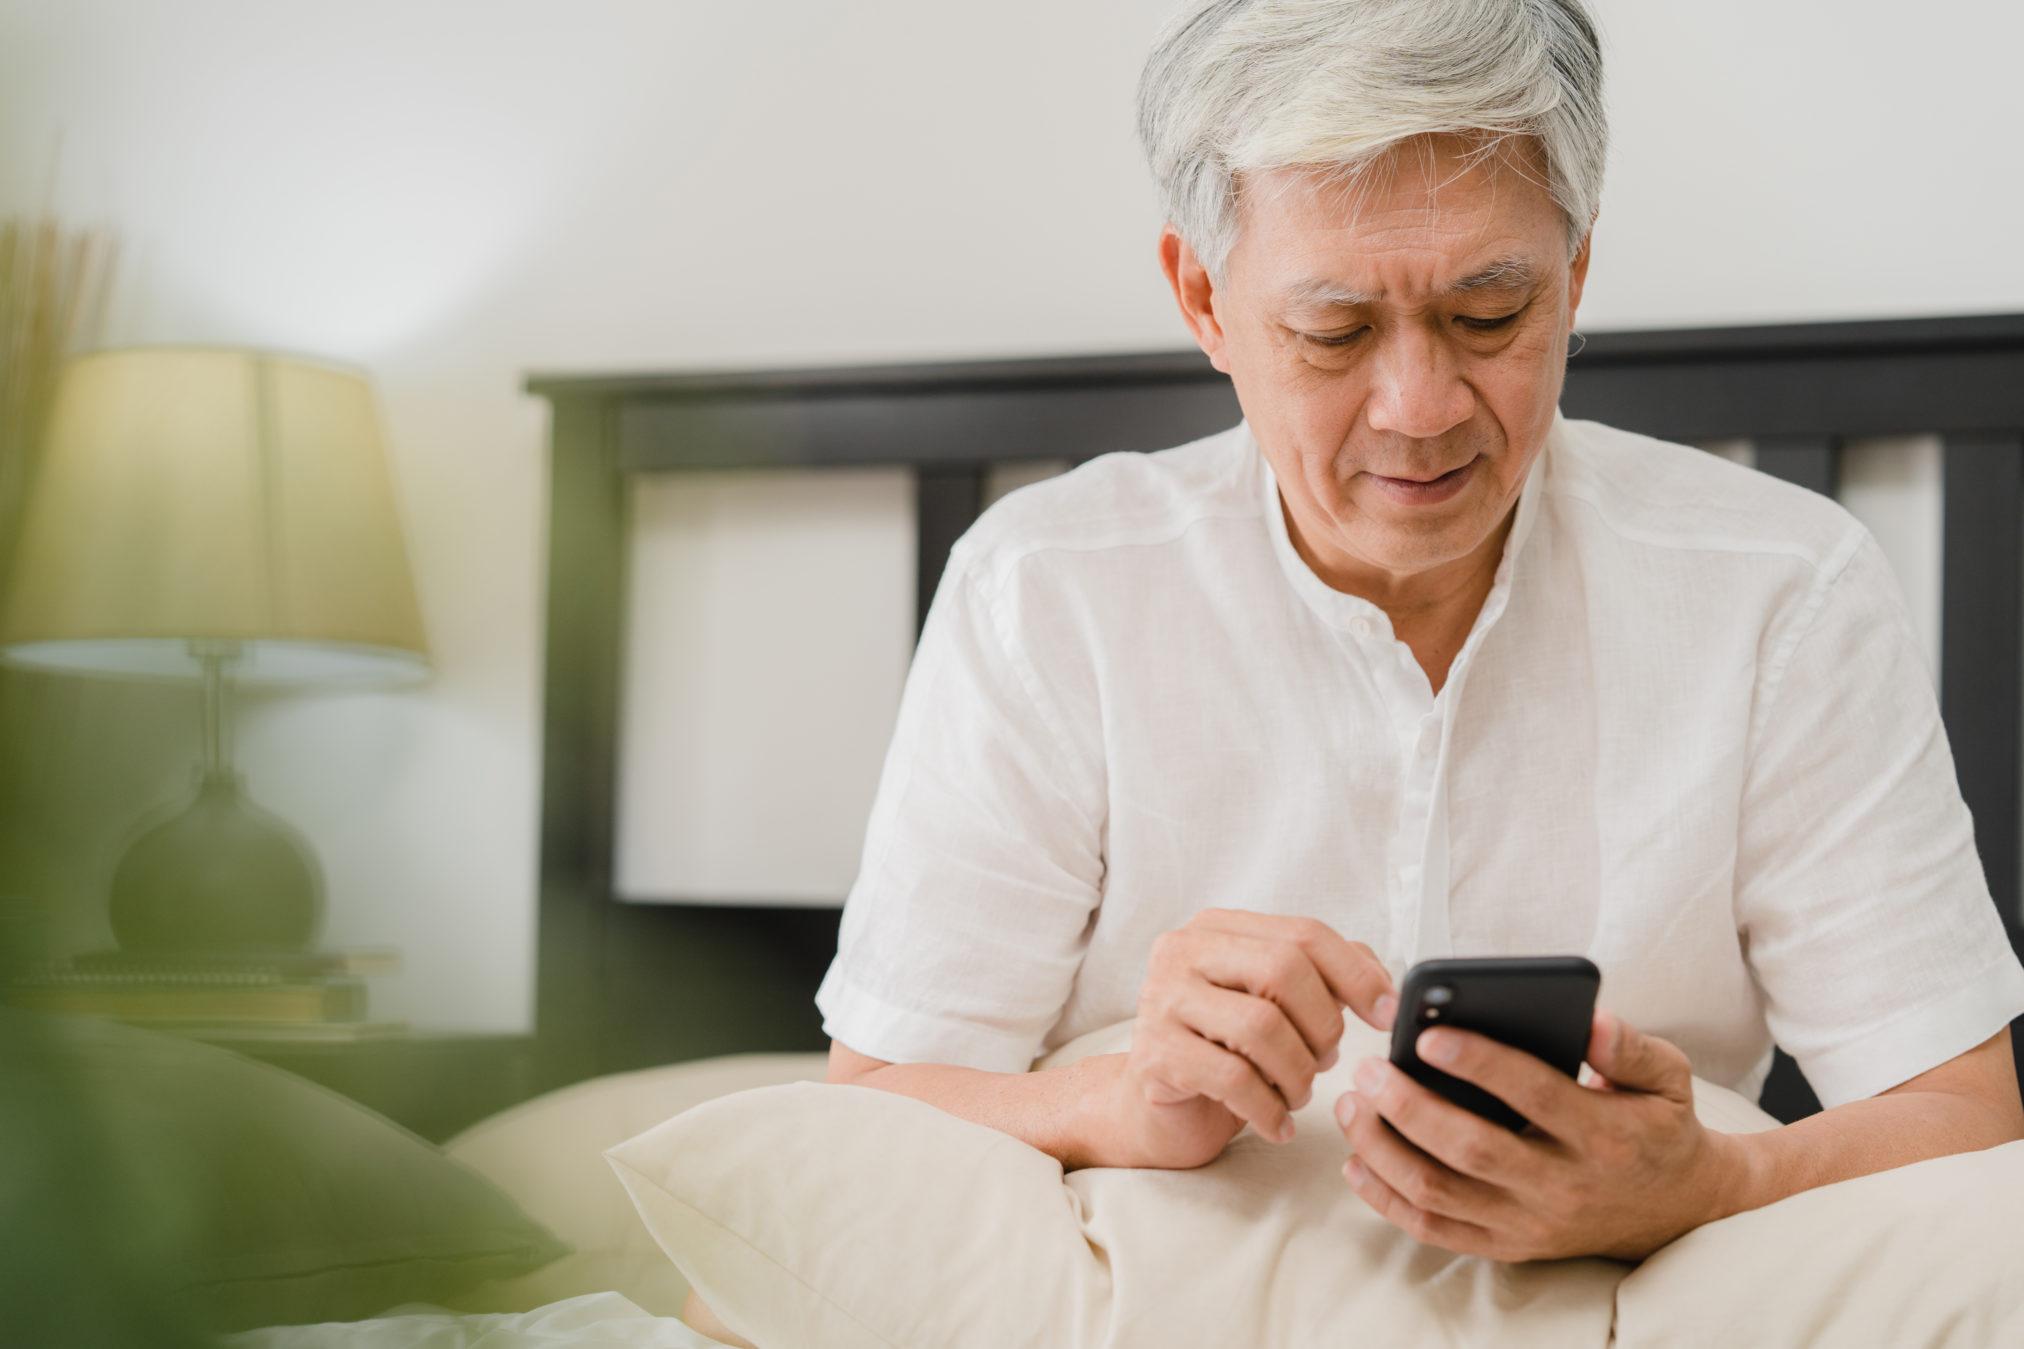 app for elderly